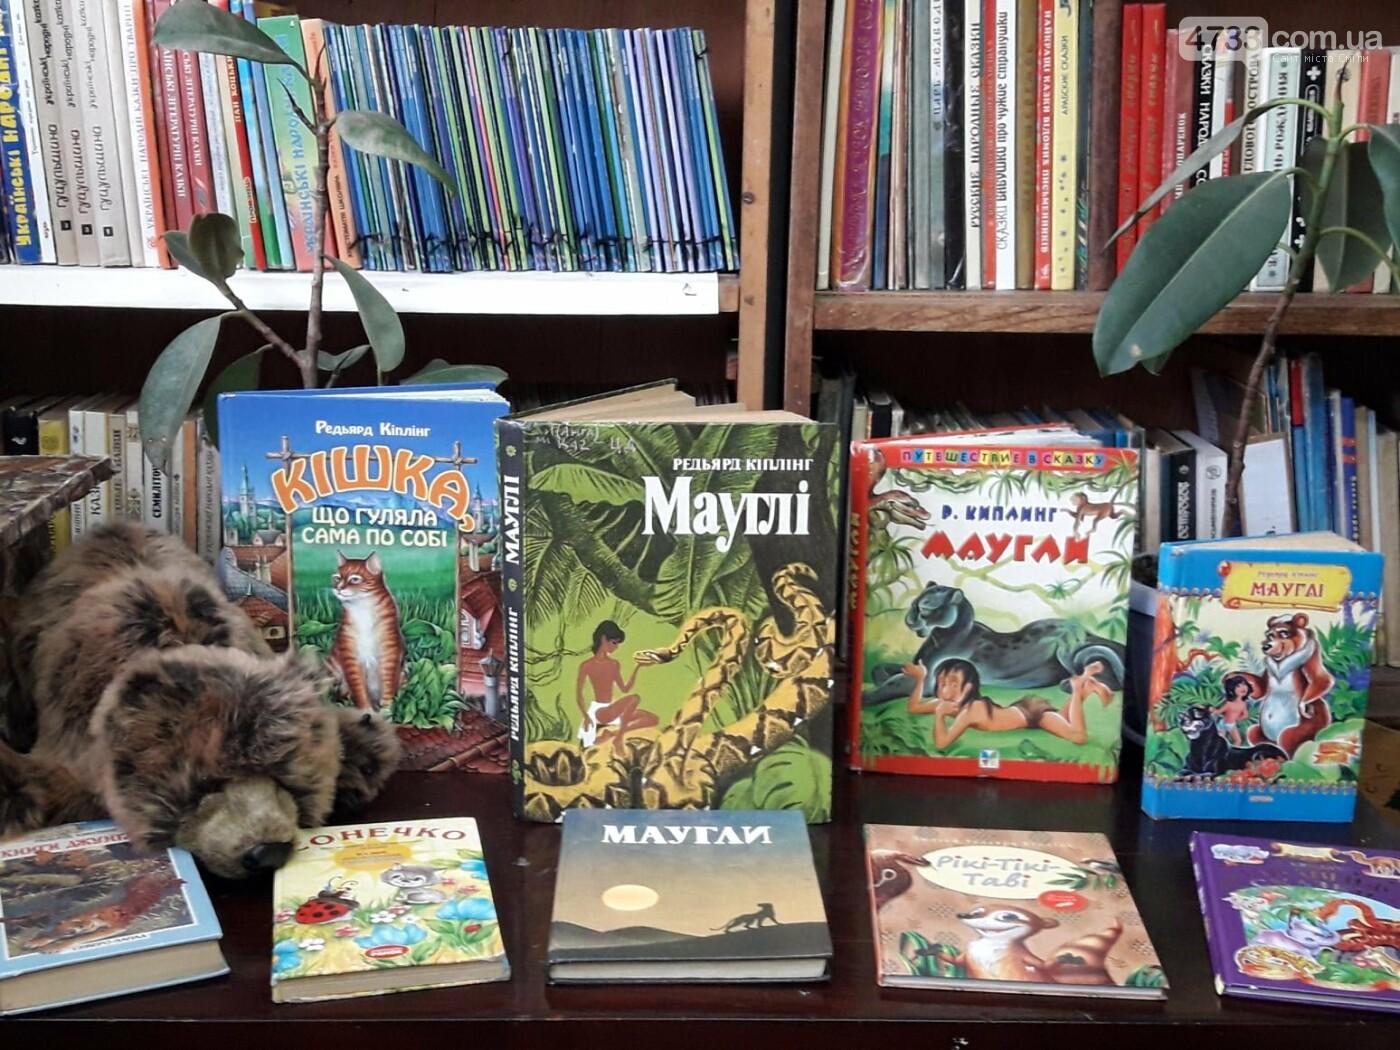 Центральна бібліотека запрошує на виставку «Подорож країною казок Редьярда Кіплінга», фото-1, Центральна бібліотека